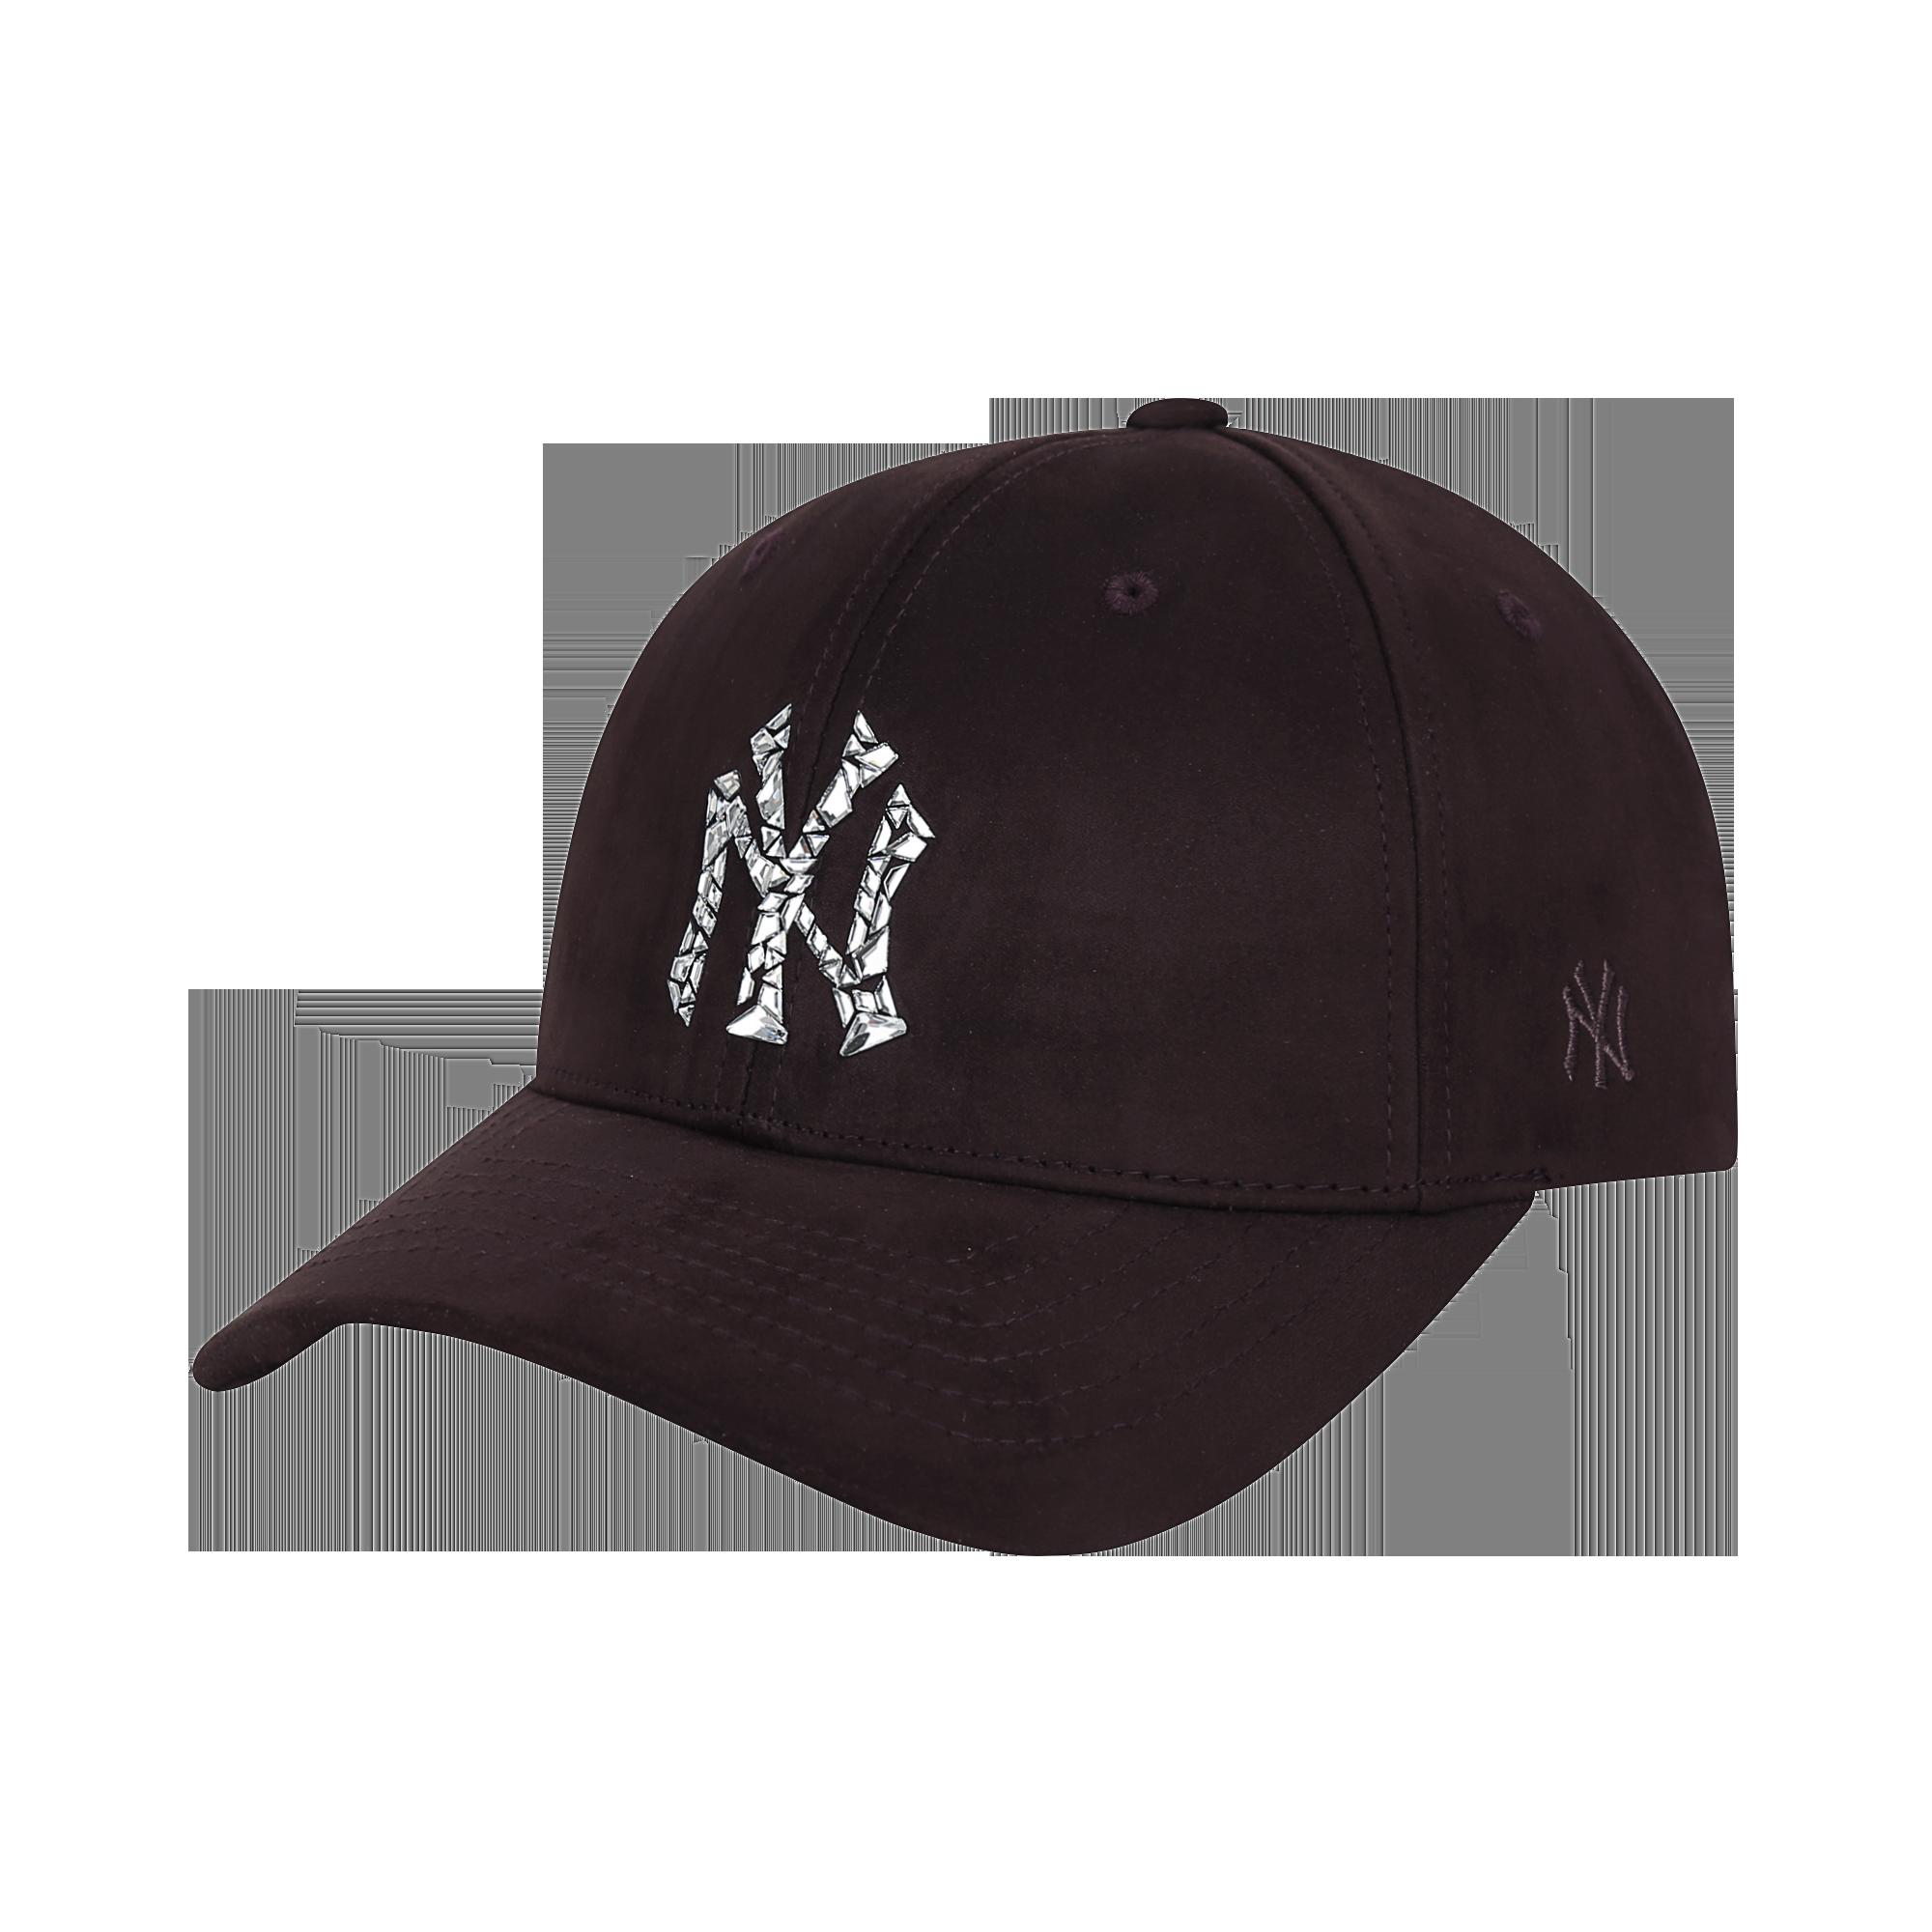 뉴욕양키스 스와로브스키 스웨이드 커브조절캡